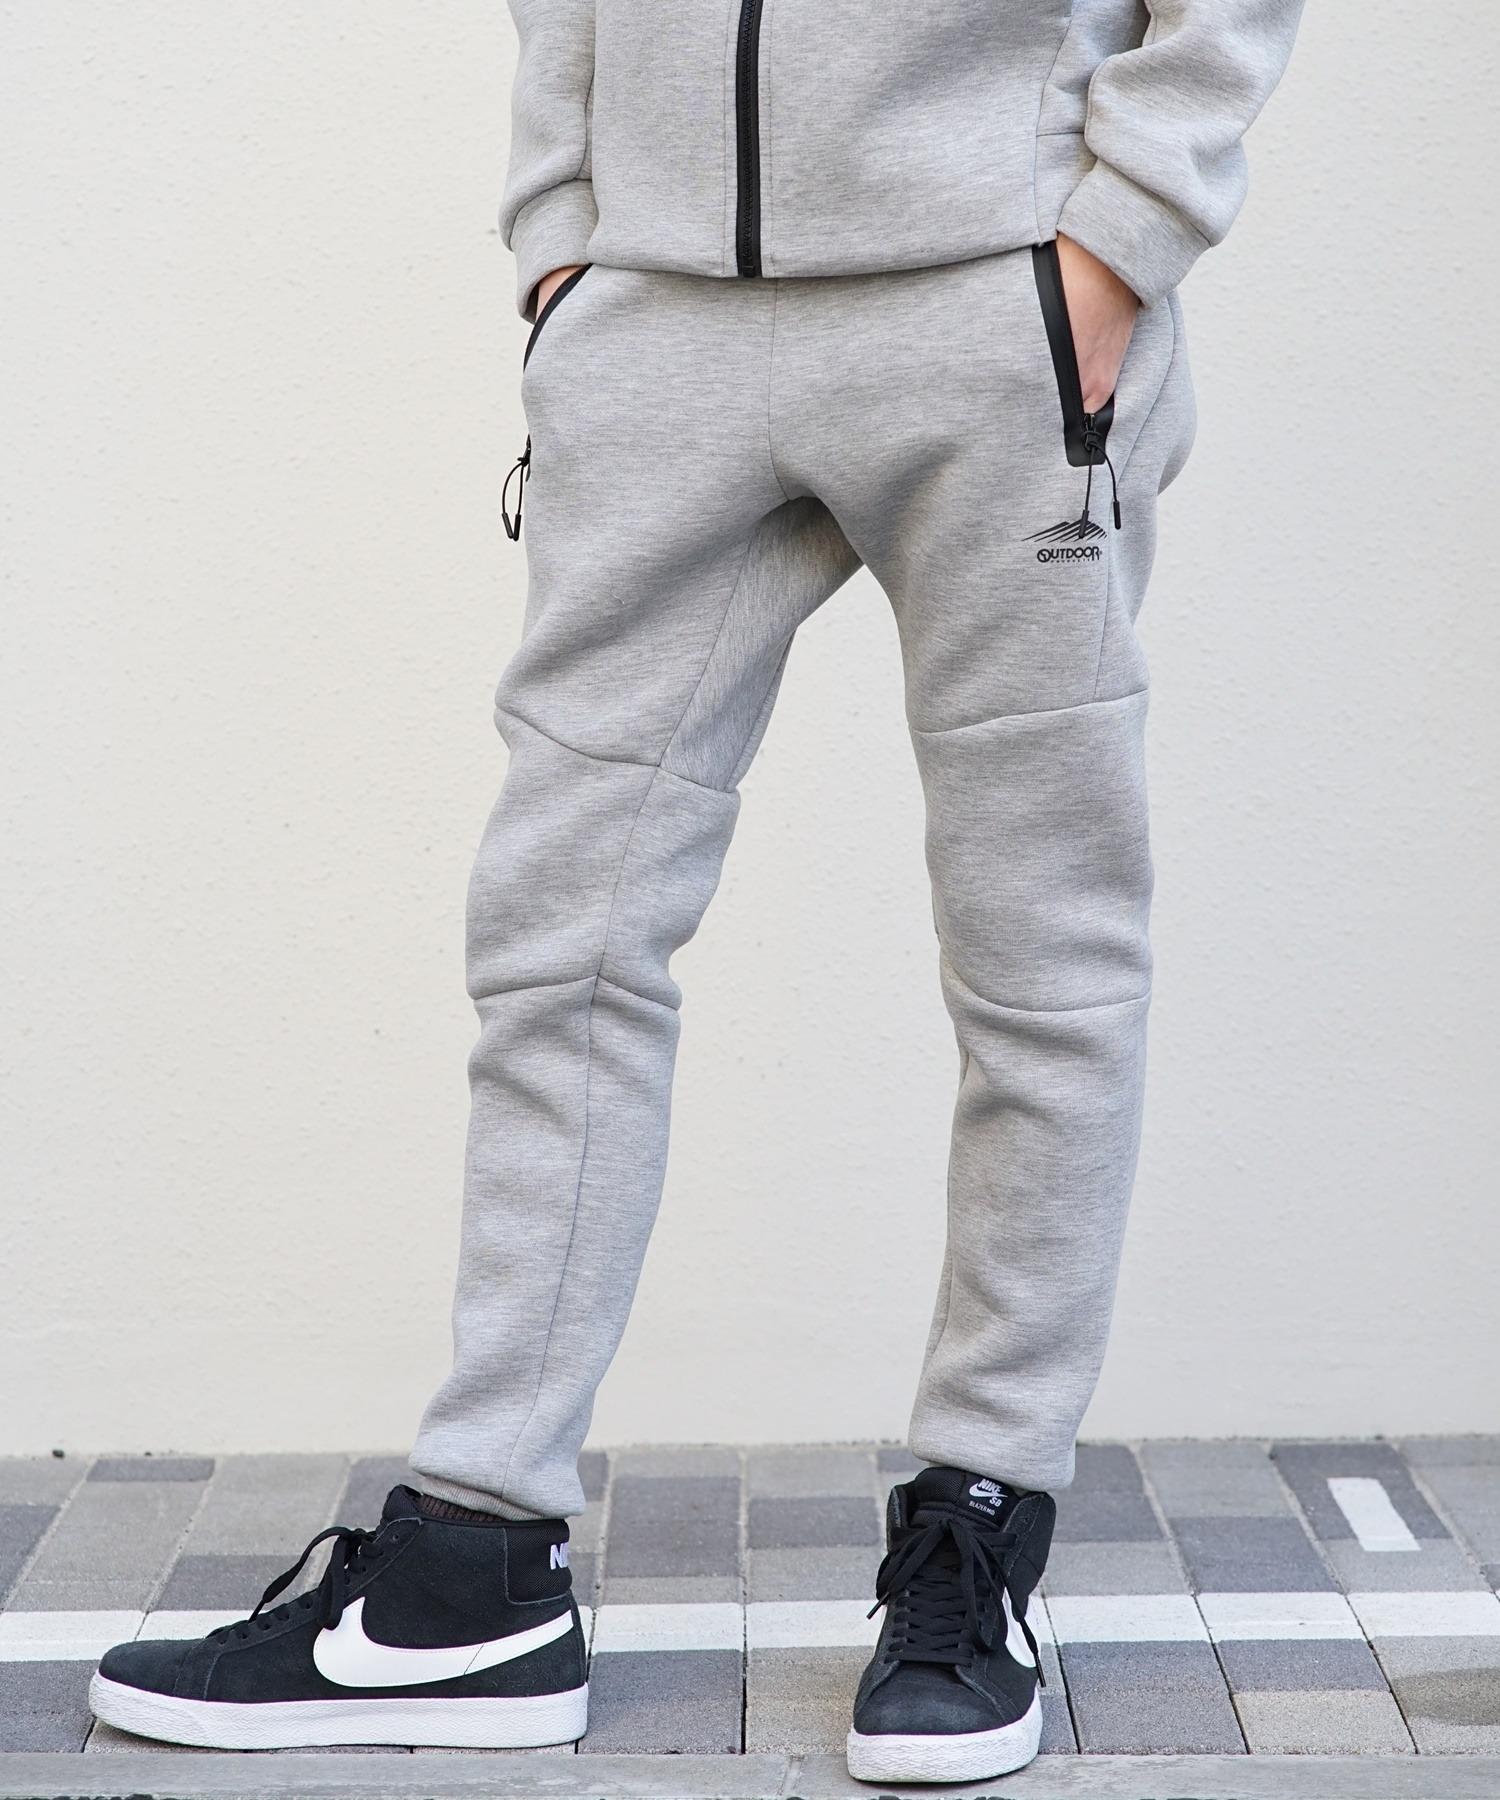 エアダンボールジョガーパンツ 柔軟なストレッチ性とハリのある素材 テーパードシルエット ワンポイントブランドロゴ